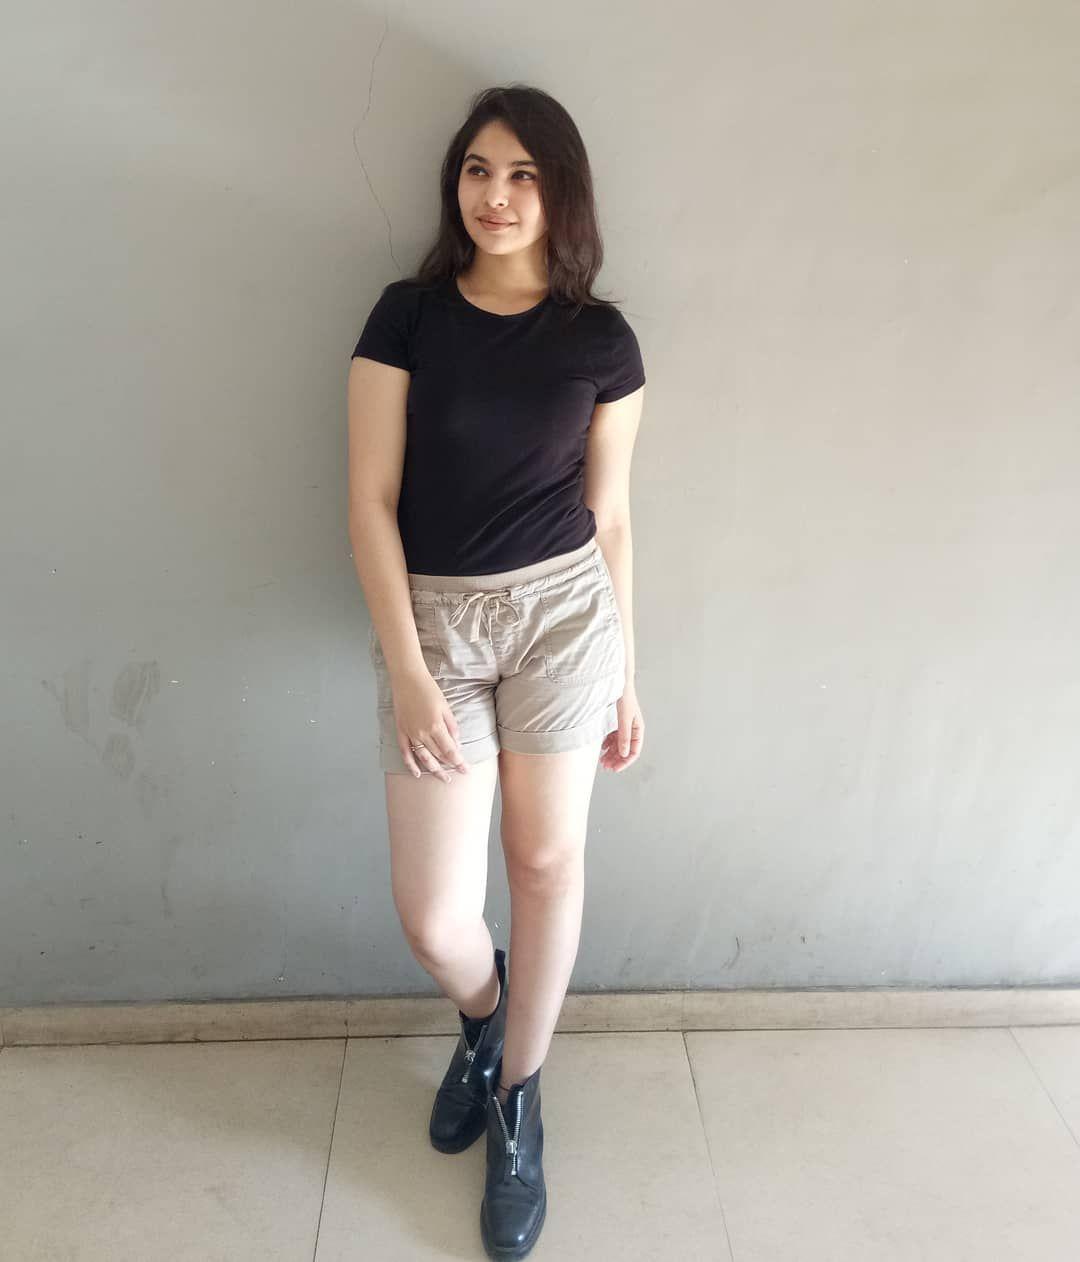 Pin on Instagram teen actress